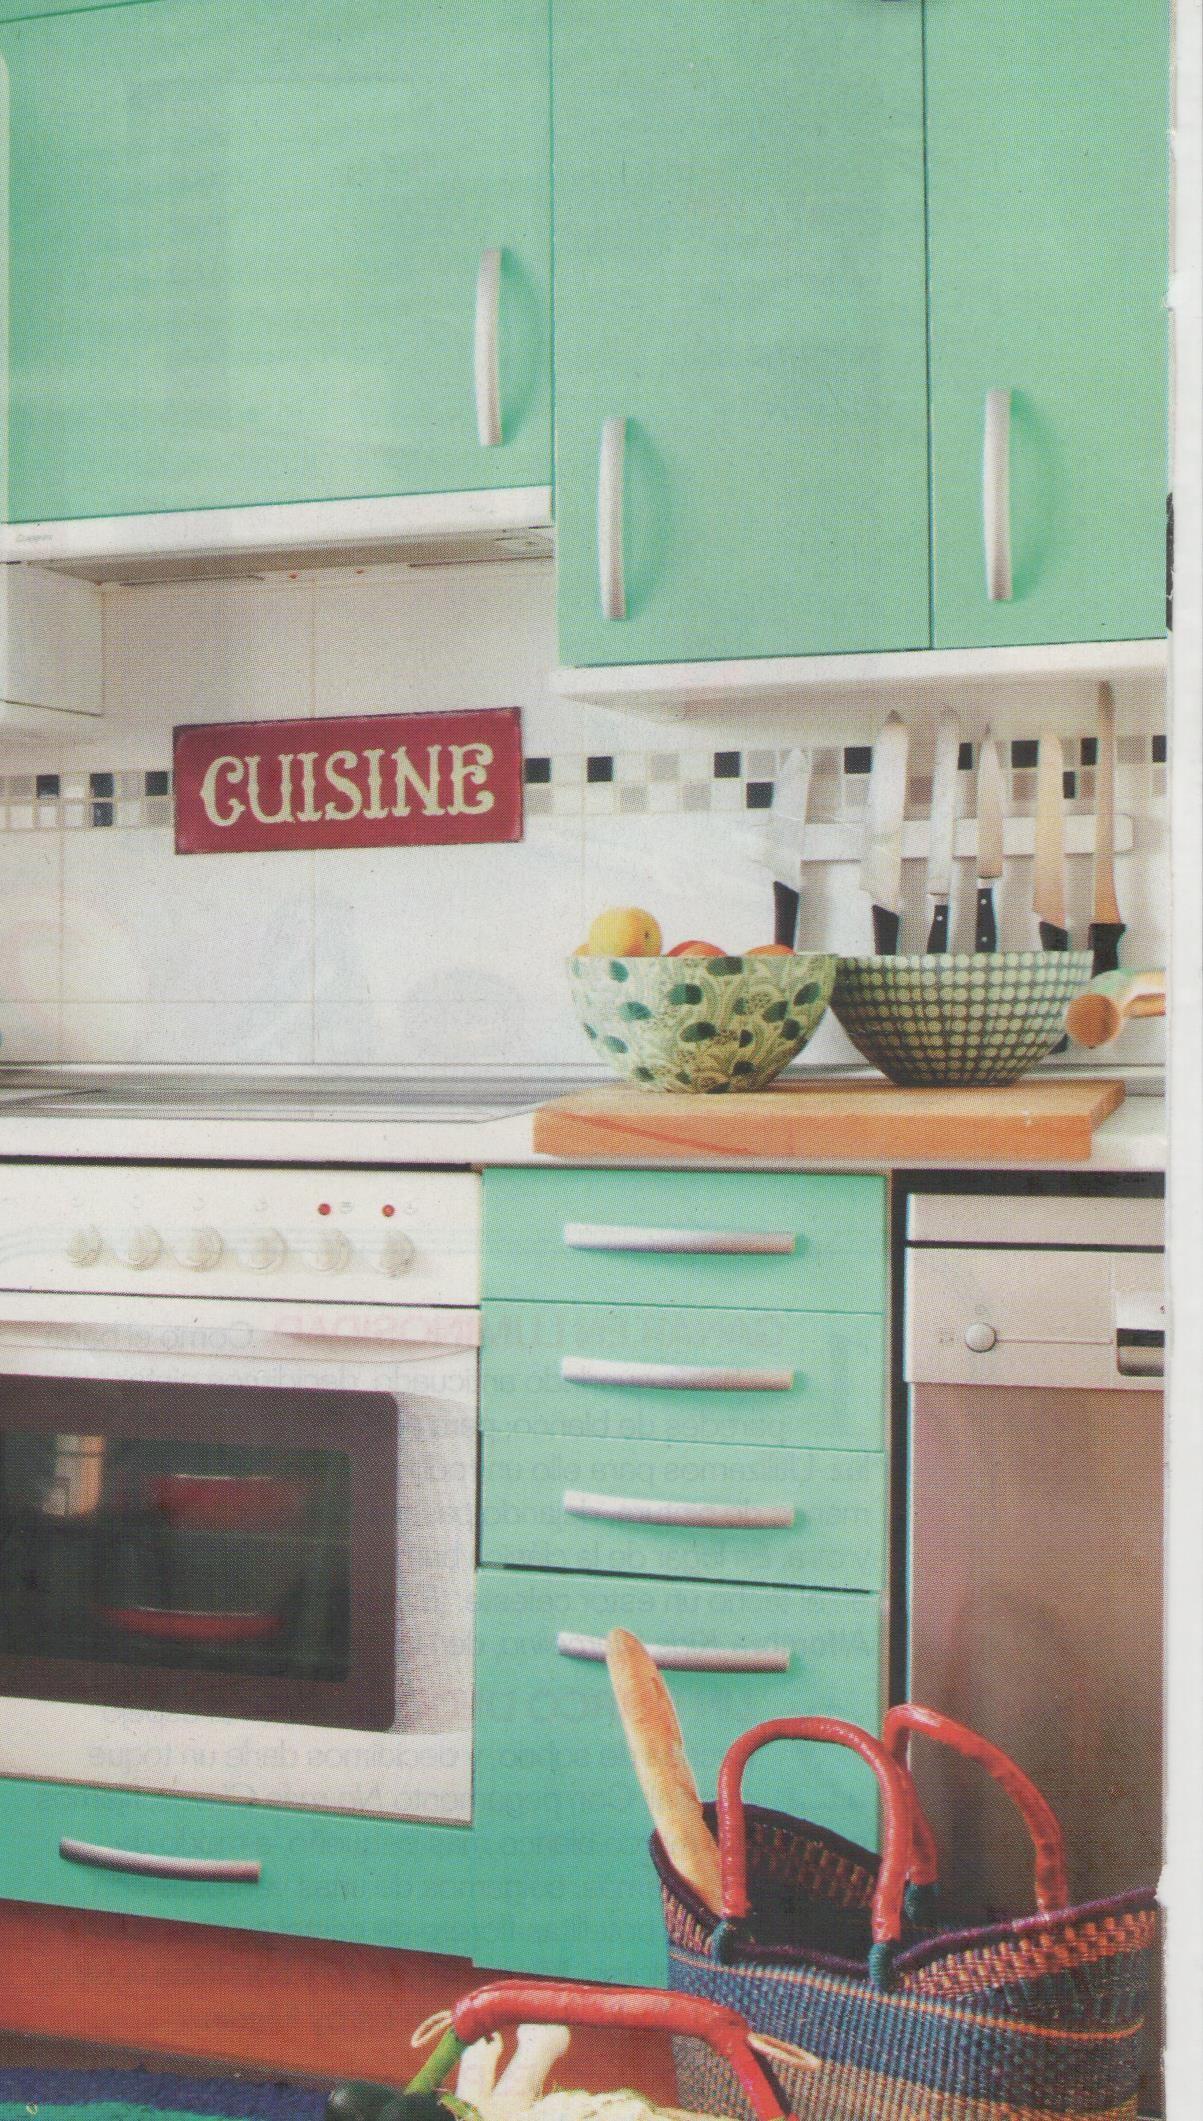 Muebles de cocina forrados con vinilo vinilos for Vinilos para muebles